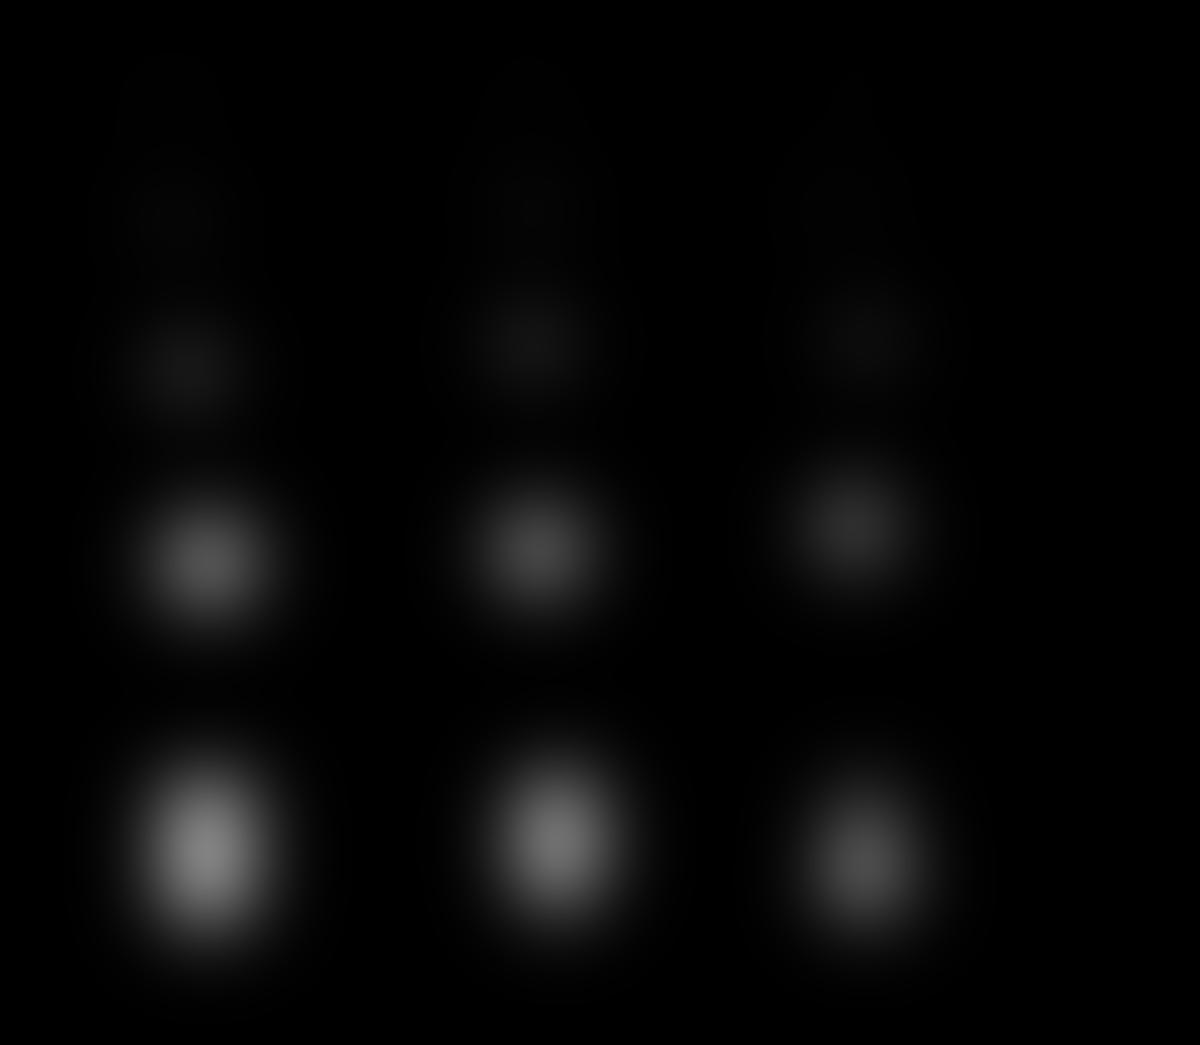 f:id:rkoichi2001:20200507144026p:plain